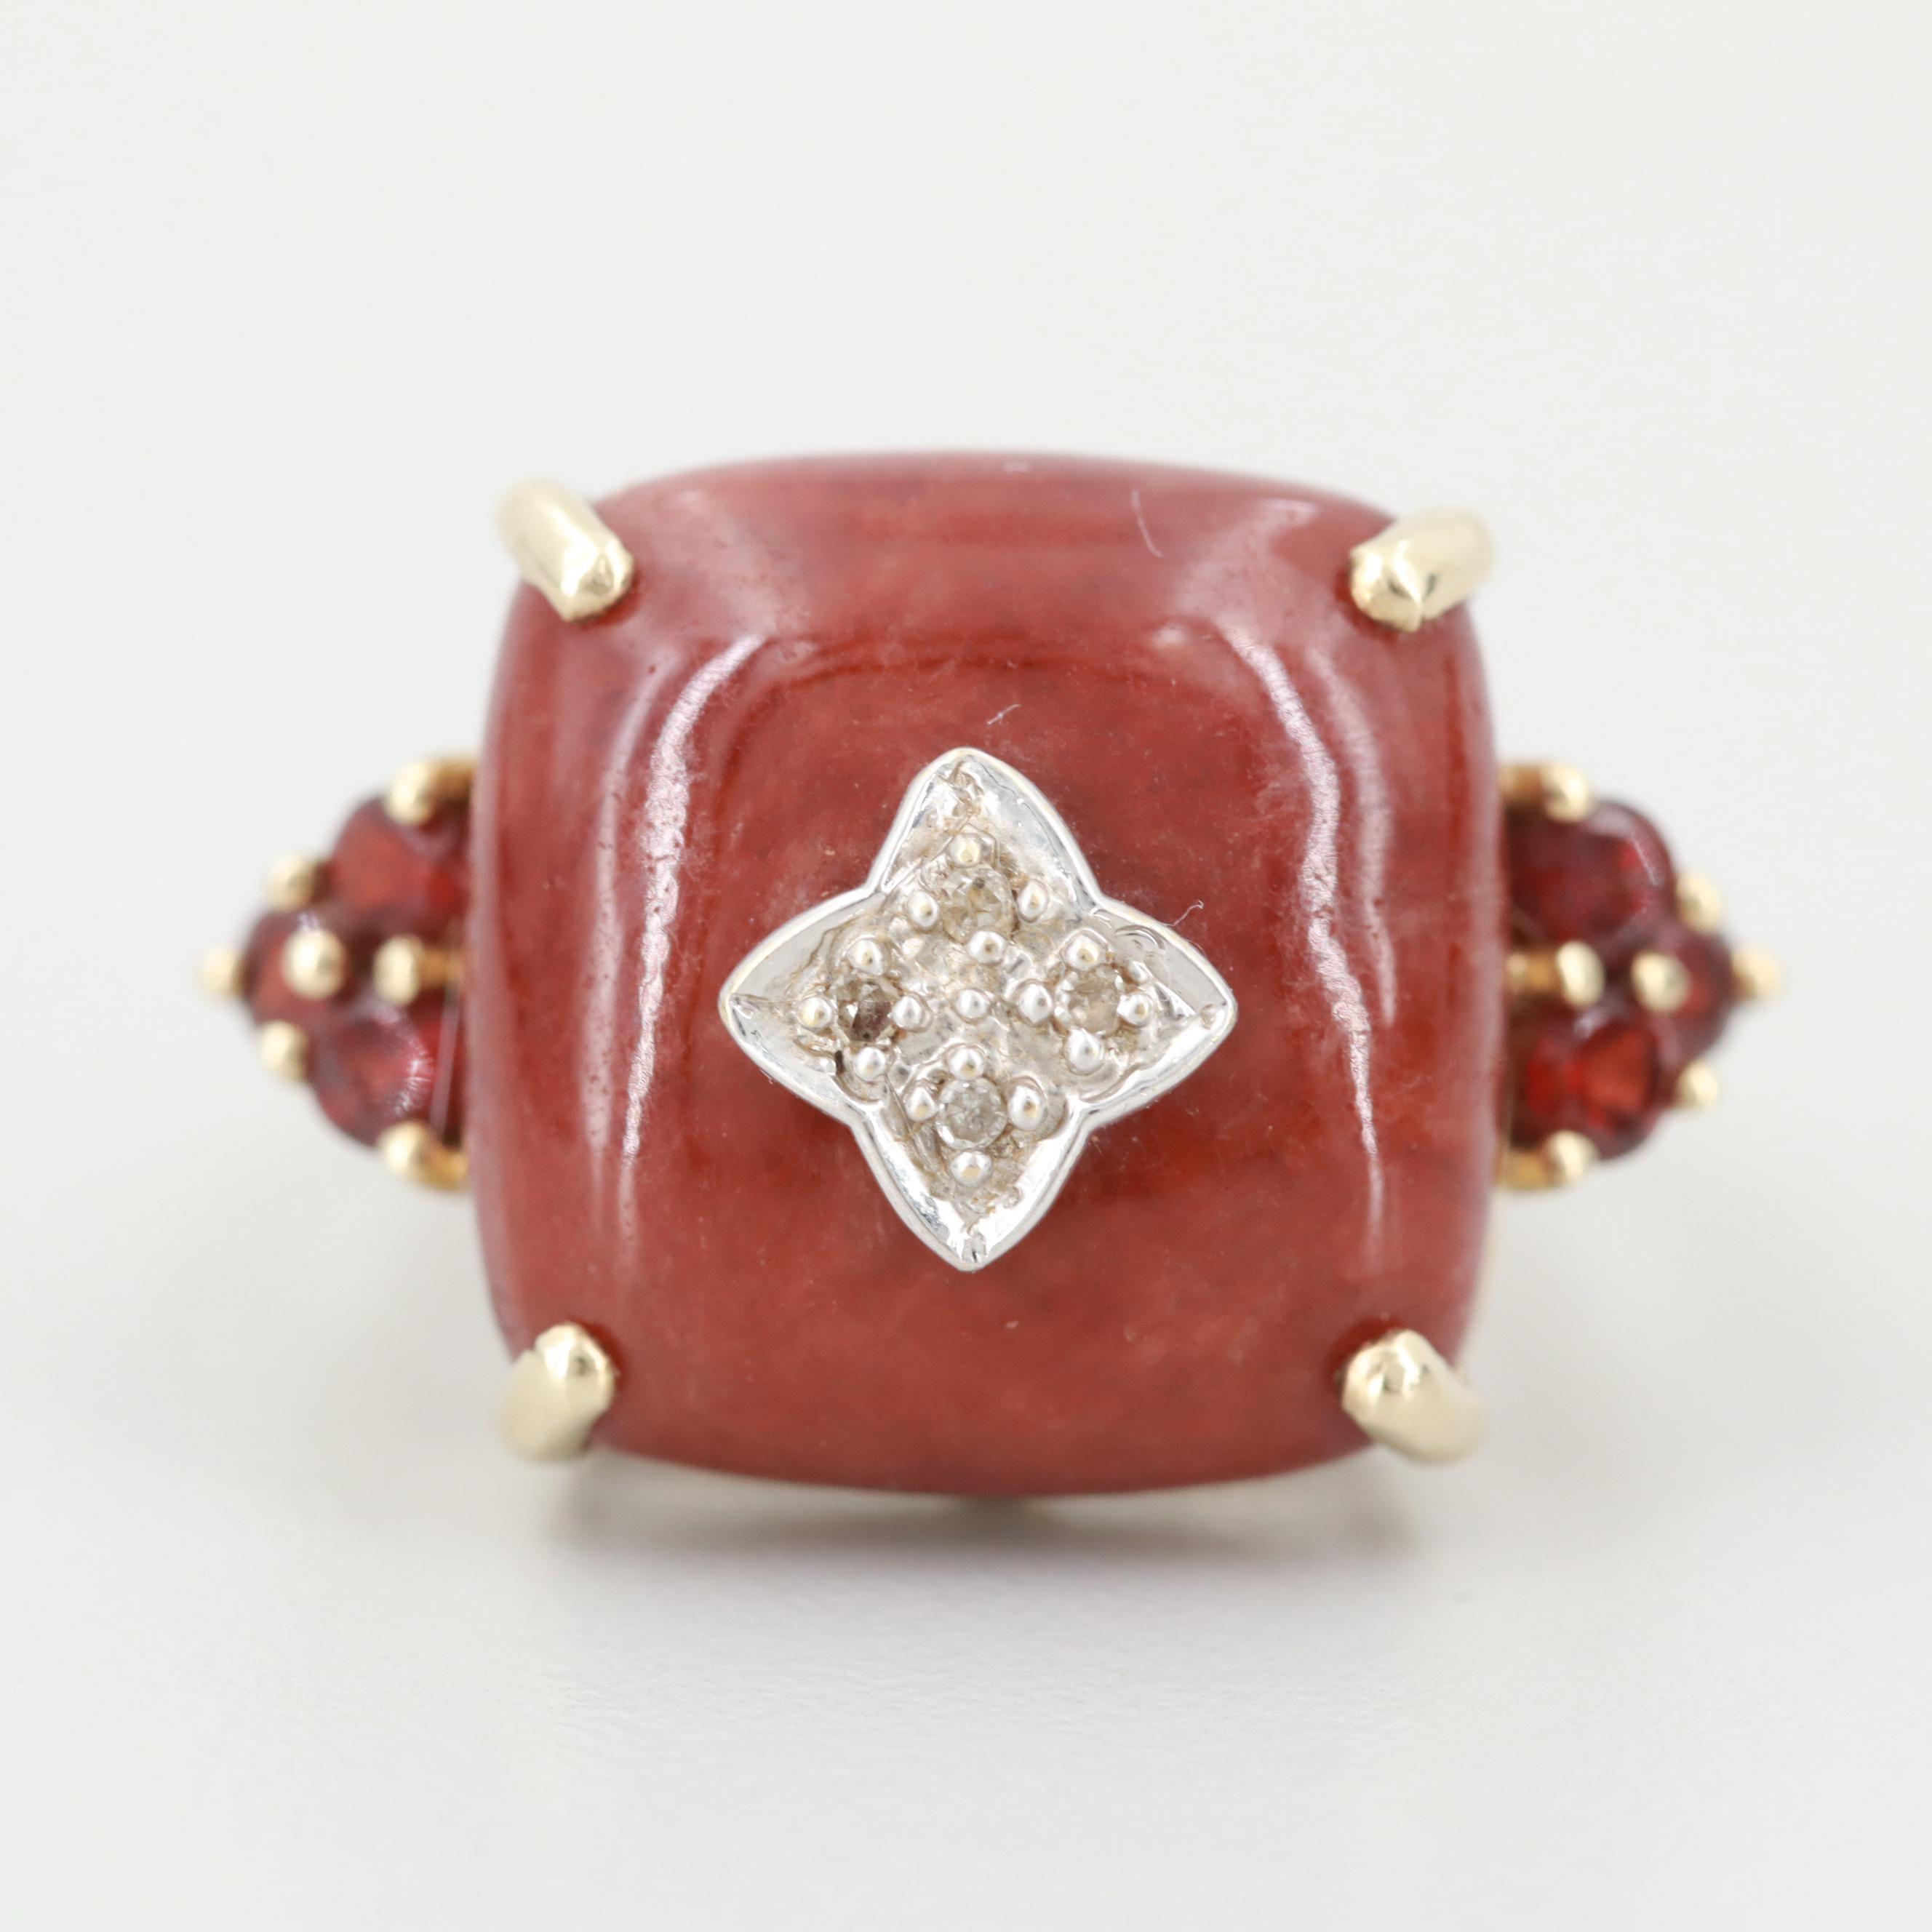 10K Yellow Gold Jadeite, Garnet and Diamond Ring